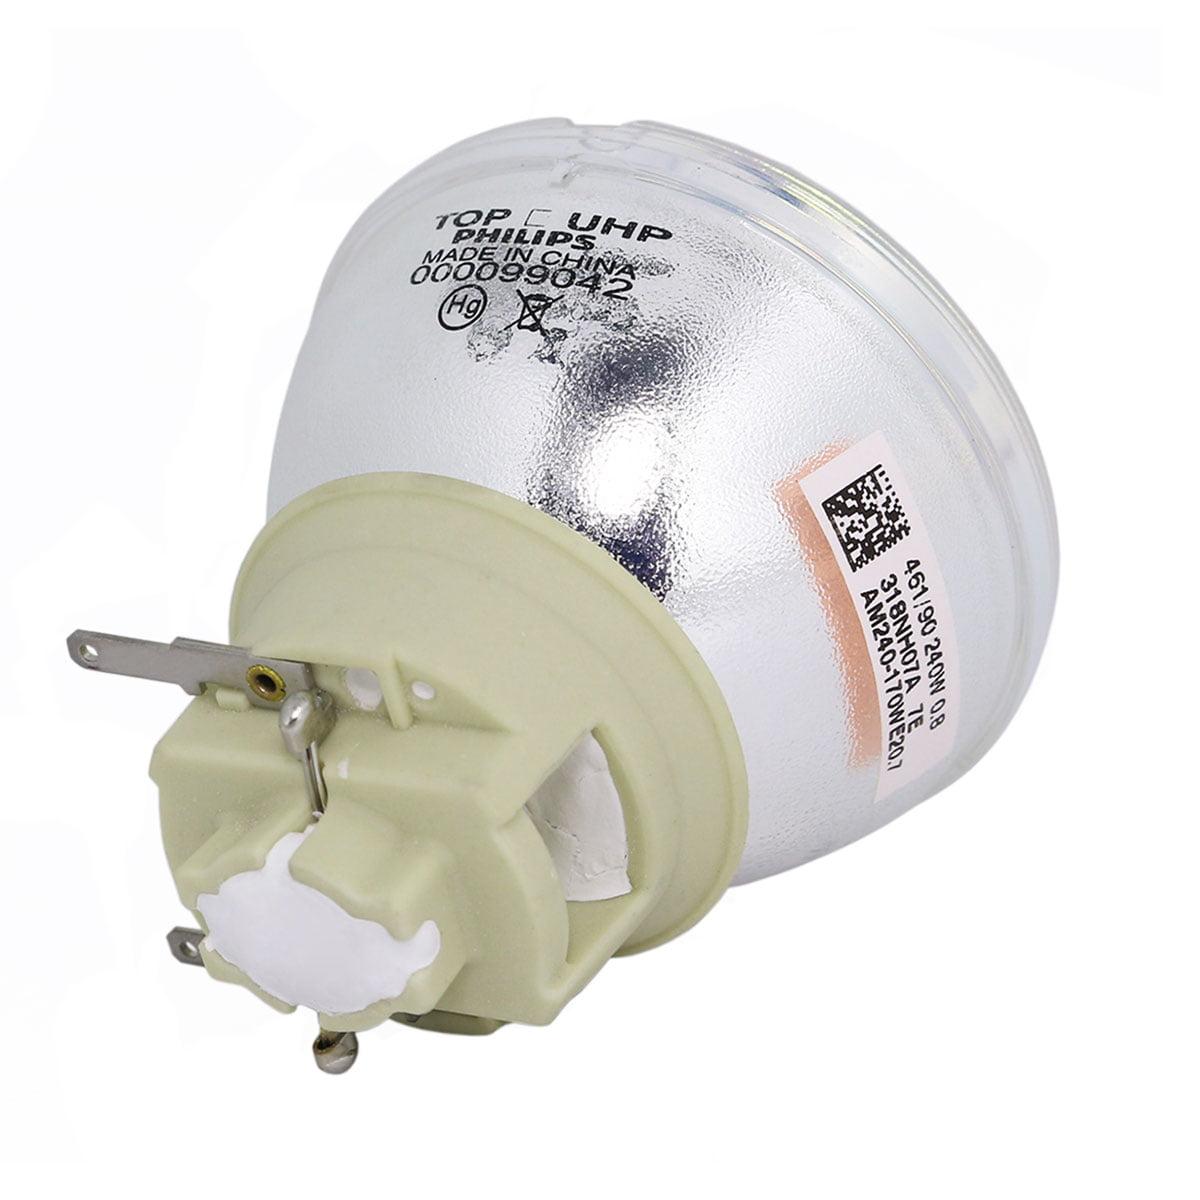 Lutema Economy pour lampe de projecteur BenQ W1700 (ampoule uniquement) - image 4 de 5